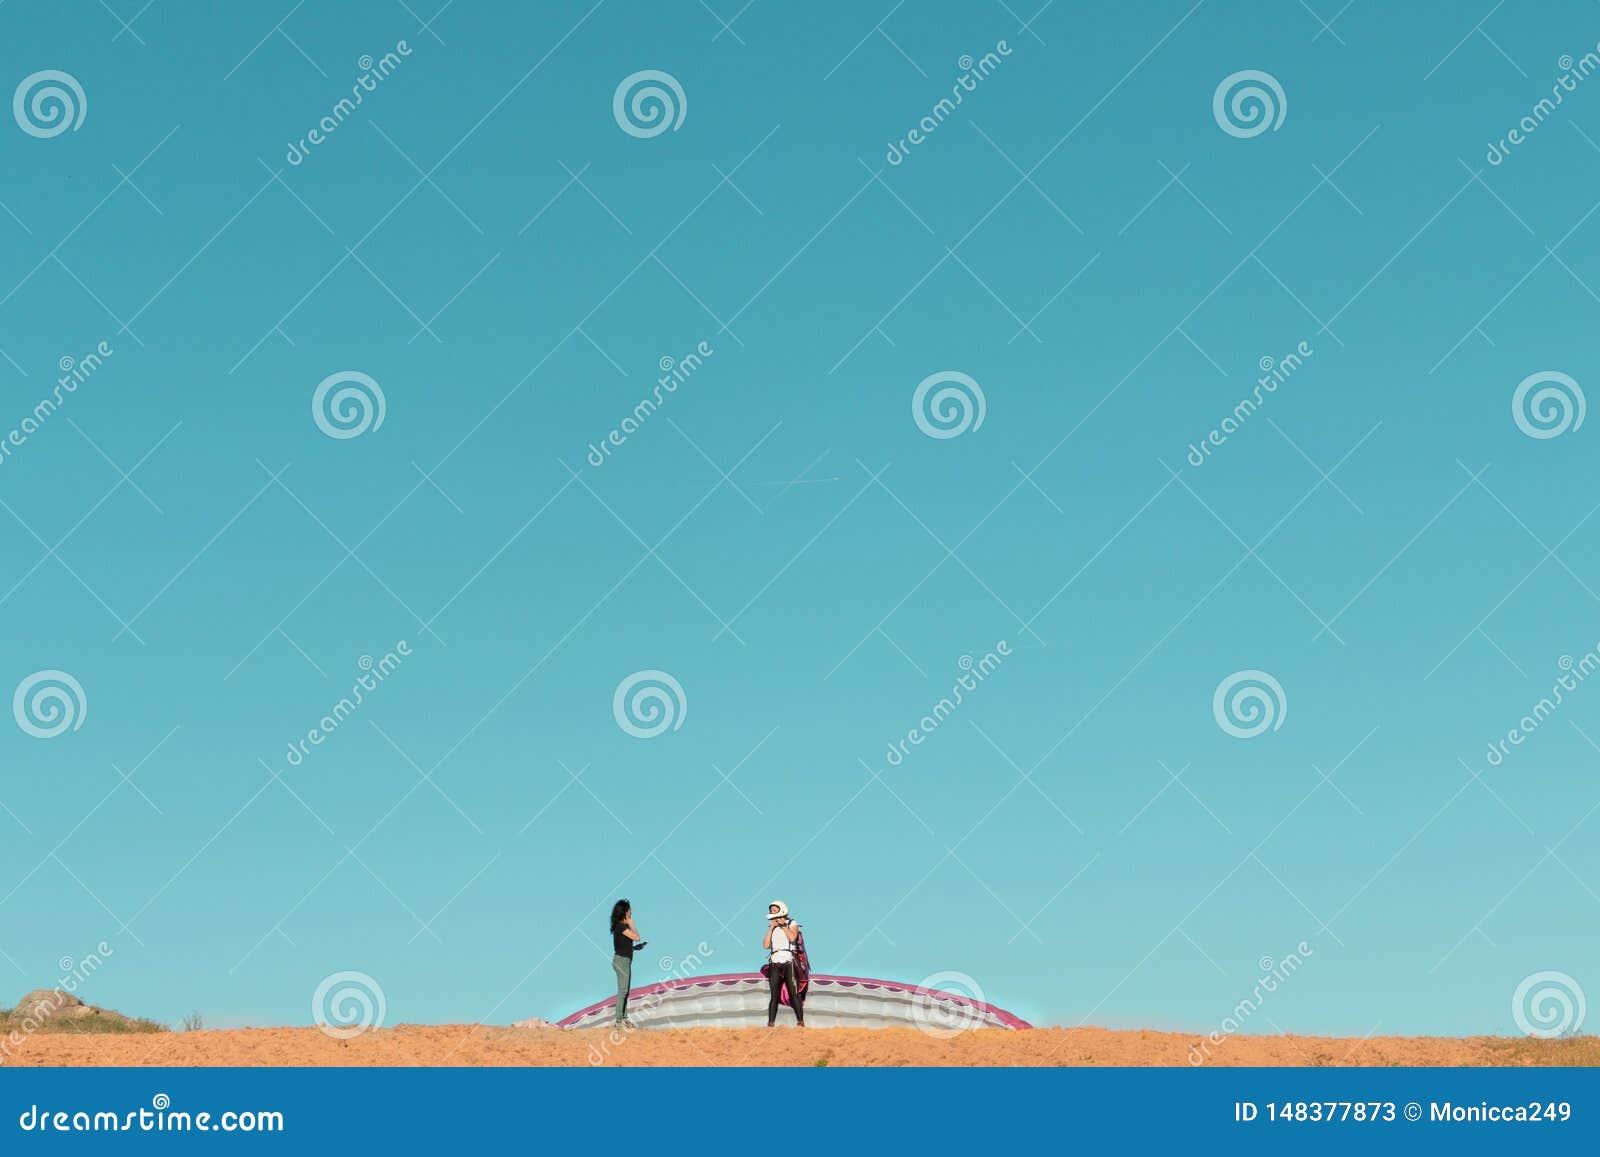 Kvinnlig paragliderpilot som förbereder sig att ta samtal av till en kvinna